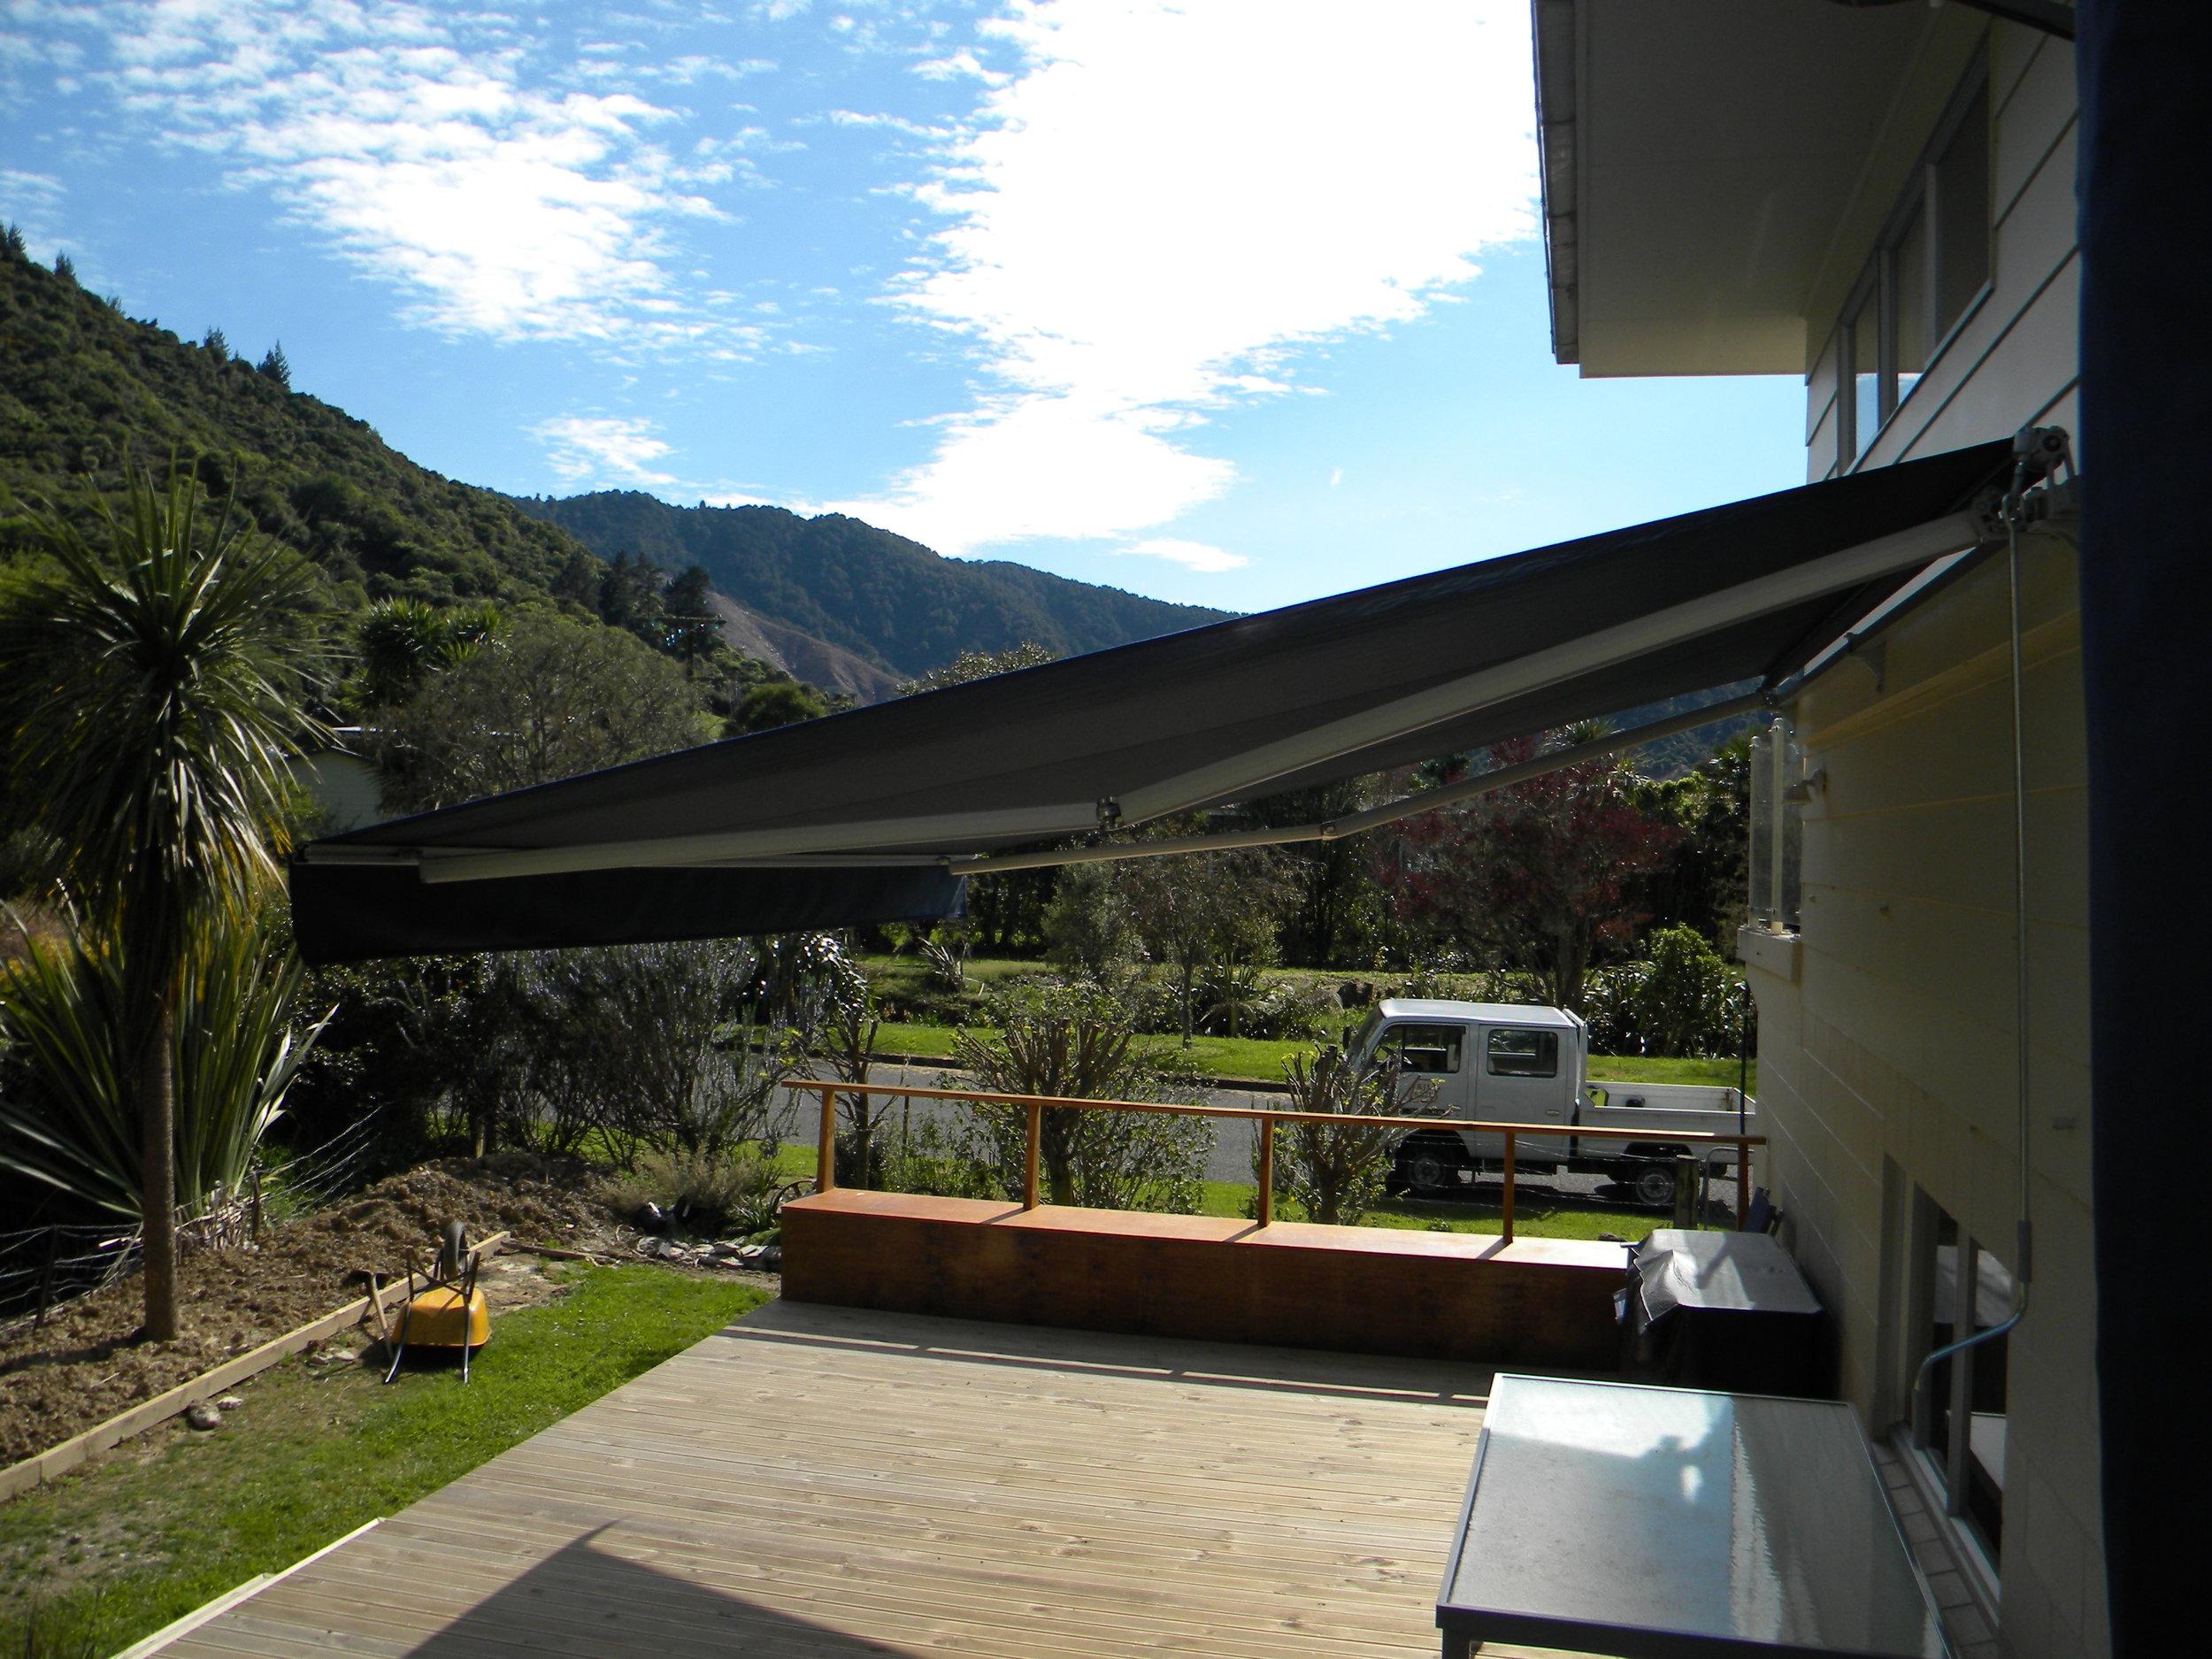 Rothchild awning in Anakiwa 004.jpg